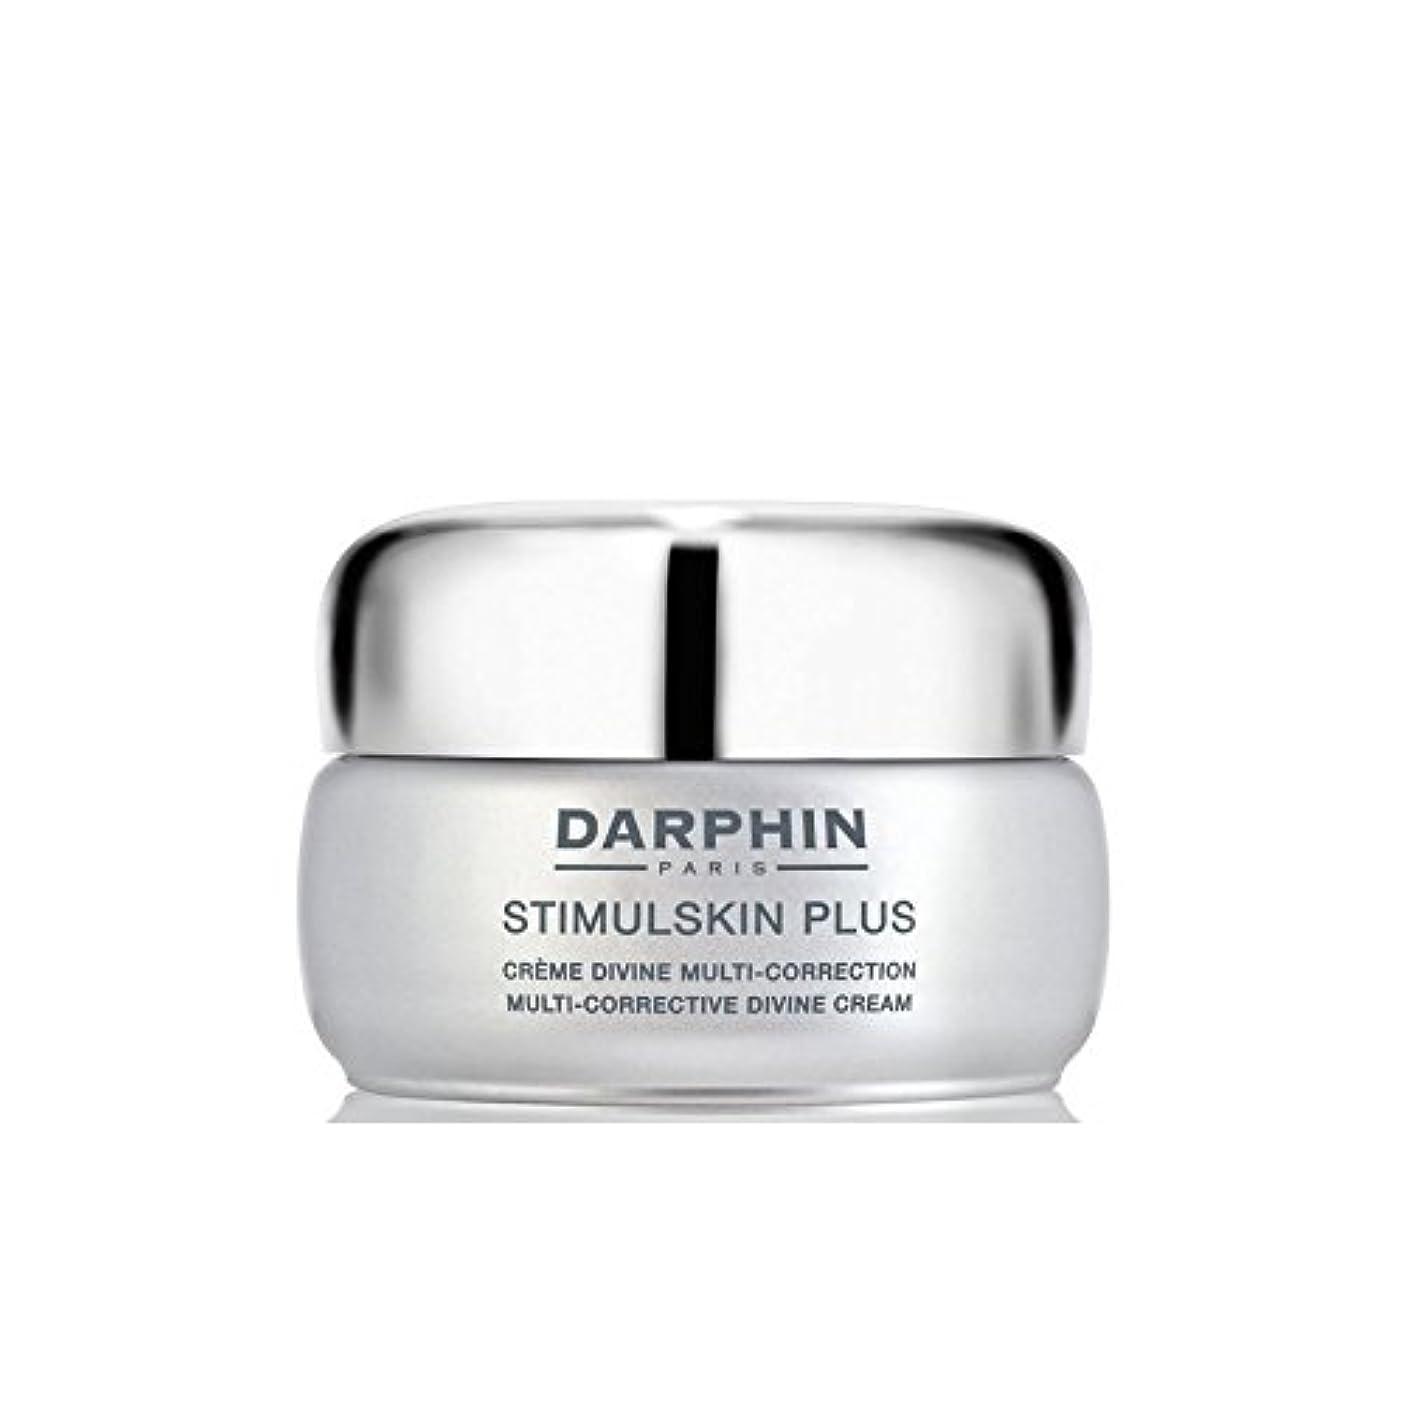 航空便静脈高音Darphin Stimulskin Plus Multi-Corrective Divine Cream - ダルファンスティプラスマルチ是正神のクリーム [並行輸入品]